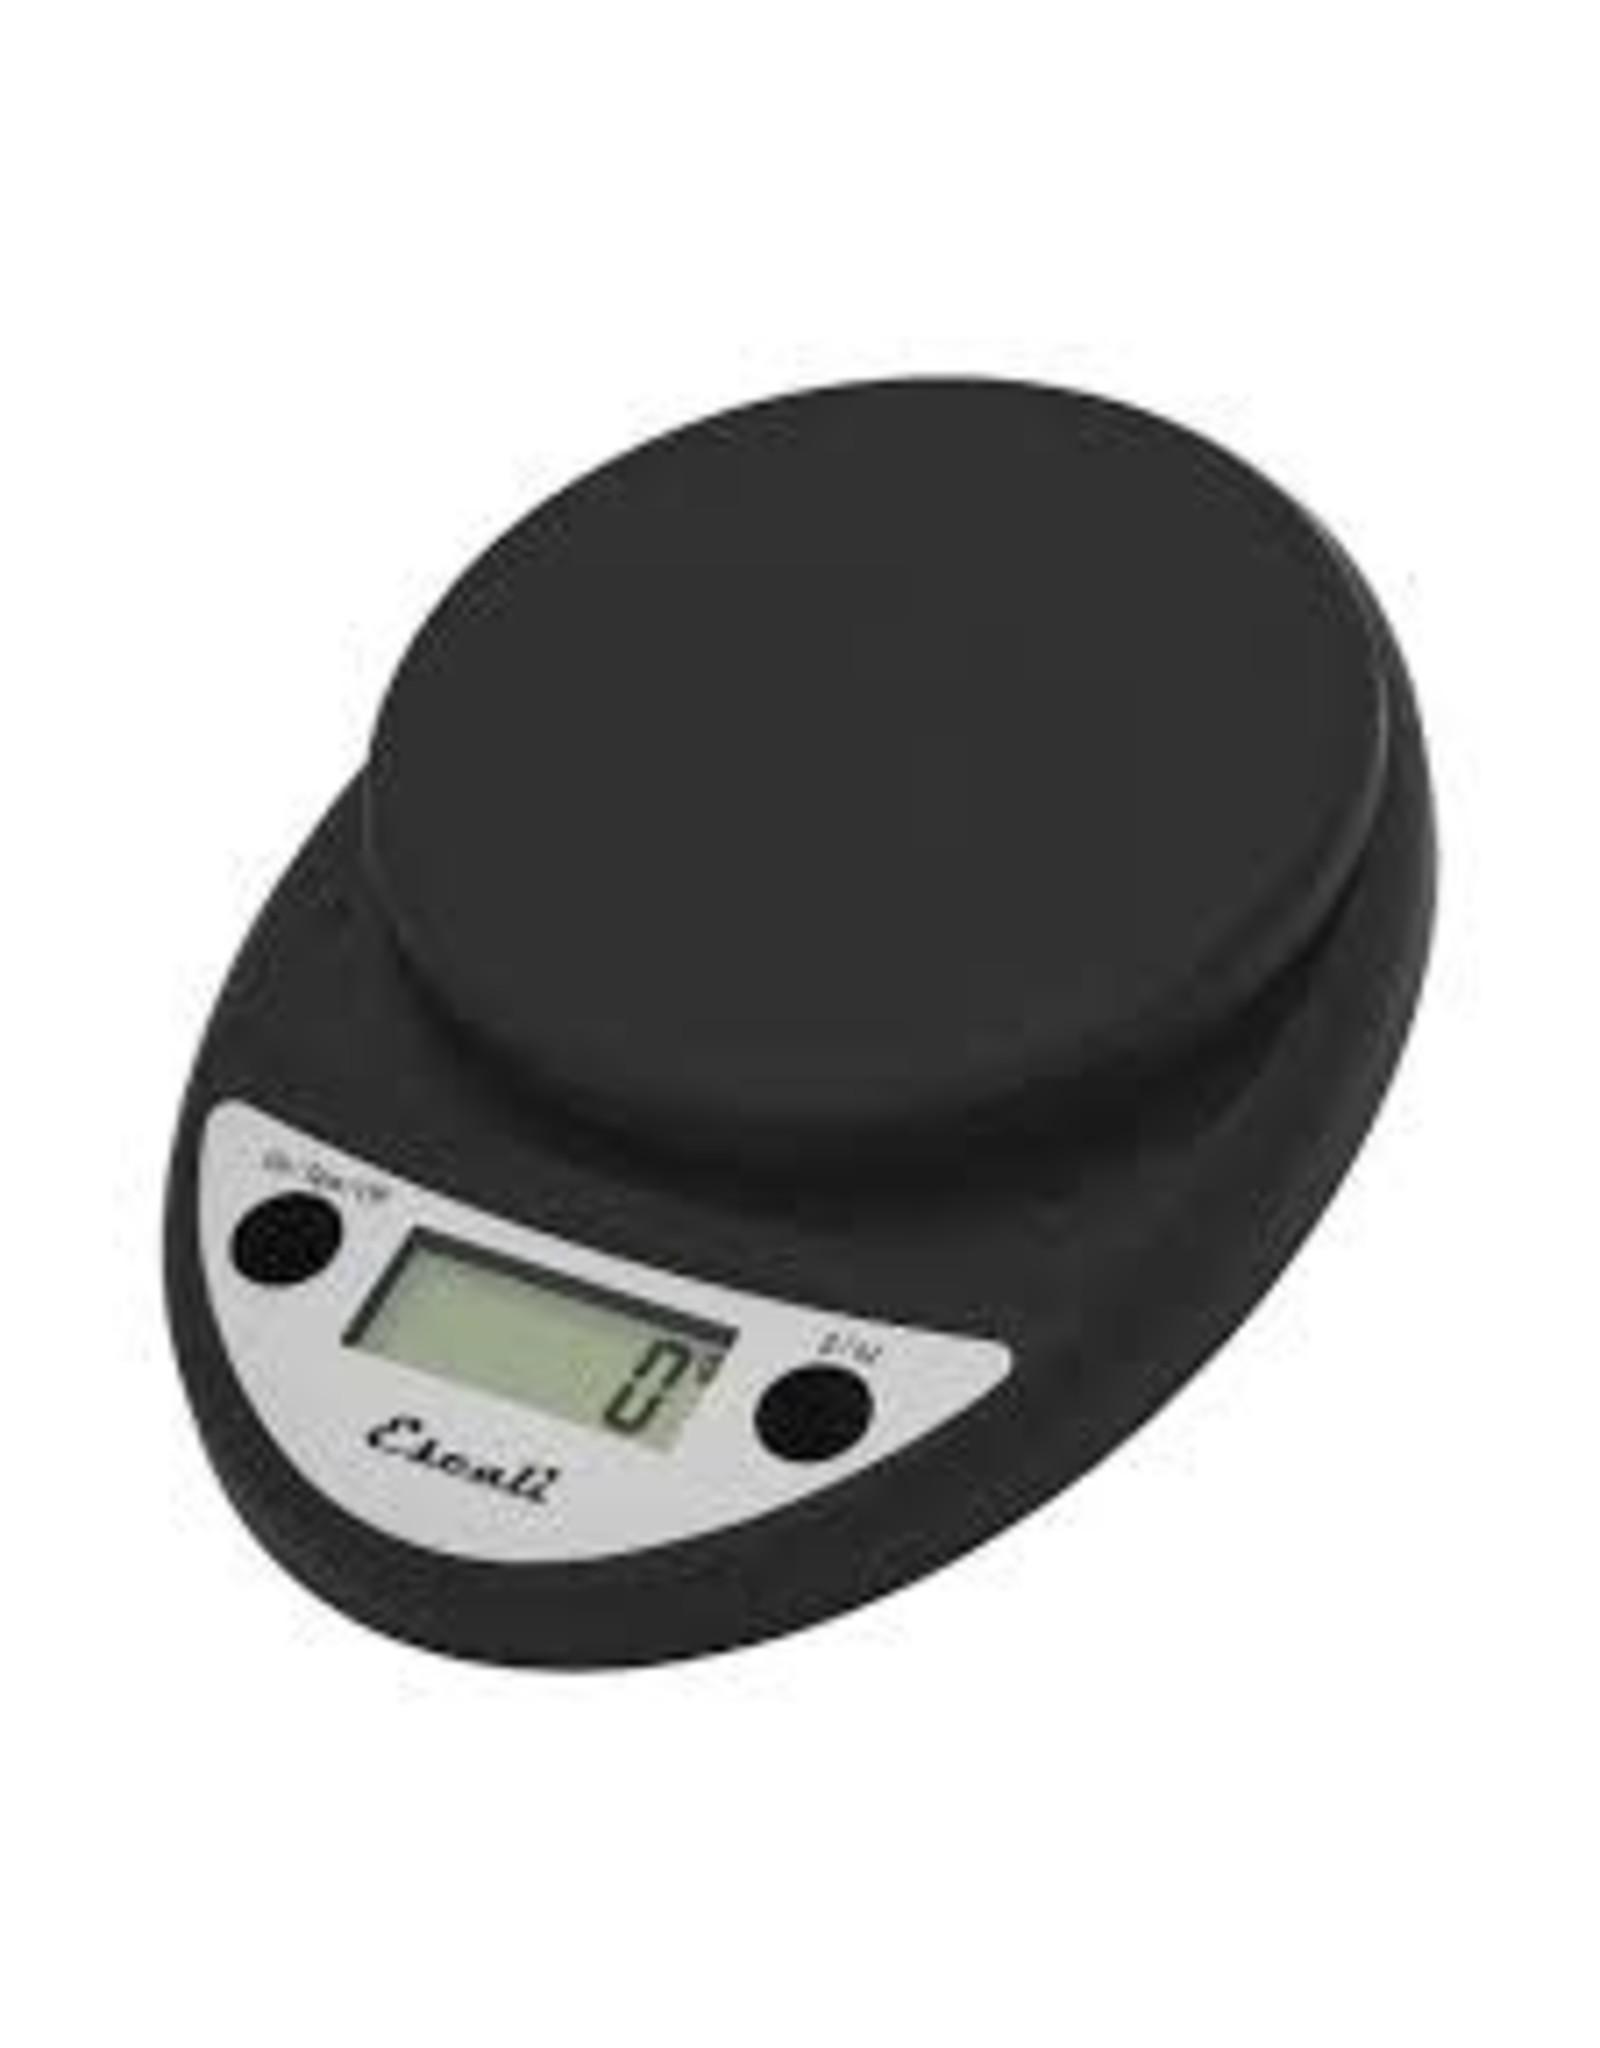 Escali ESCALI Primo Digital Scale, 11 Lb / 5 Kg, Black